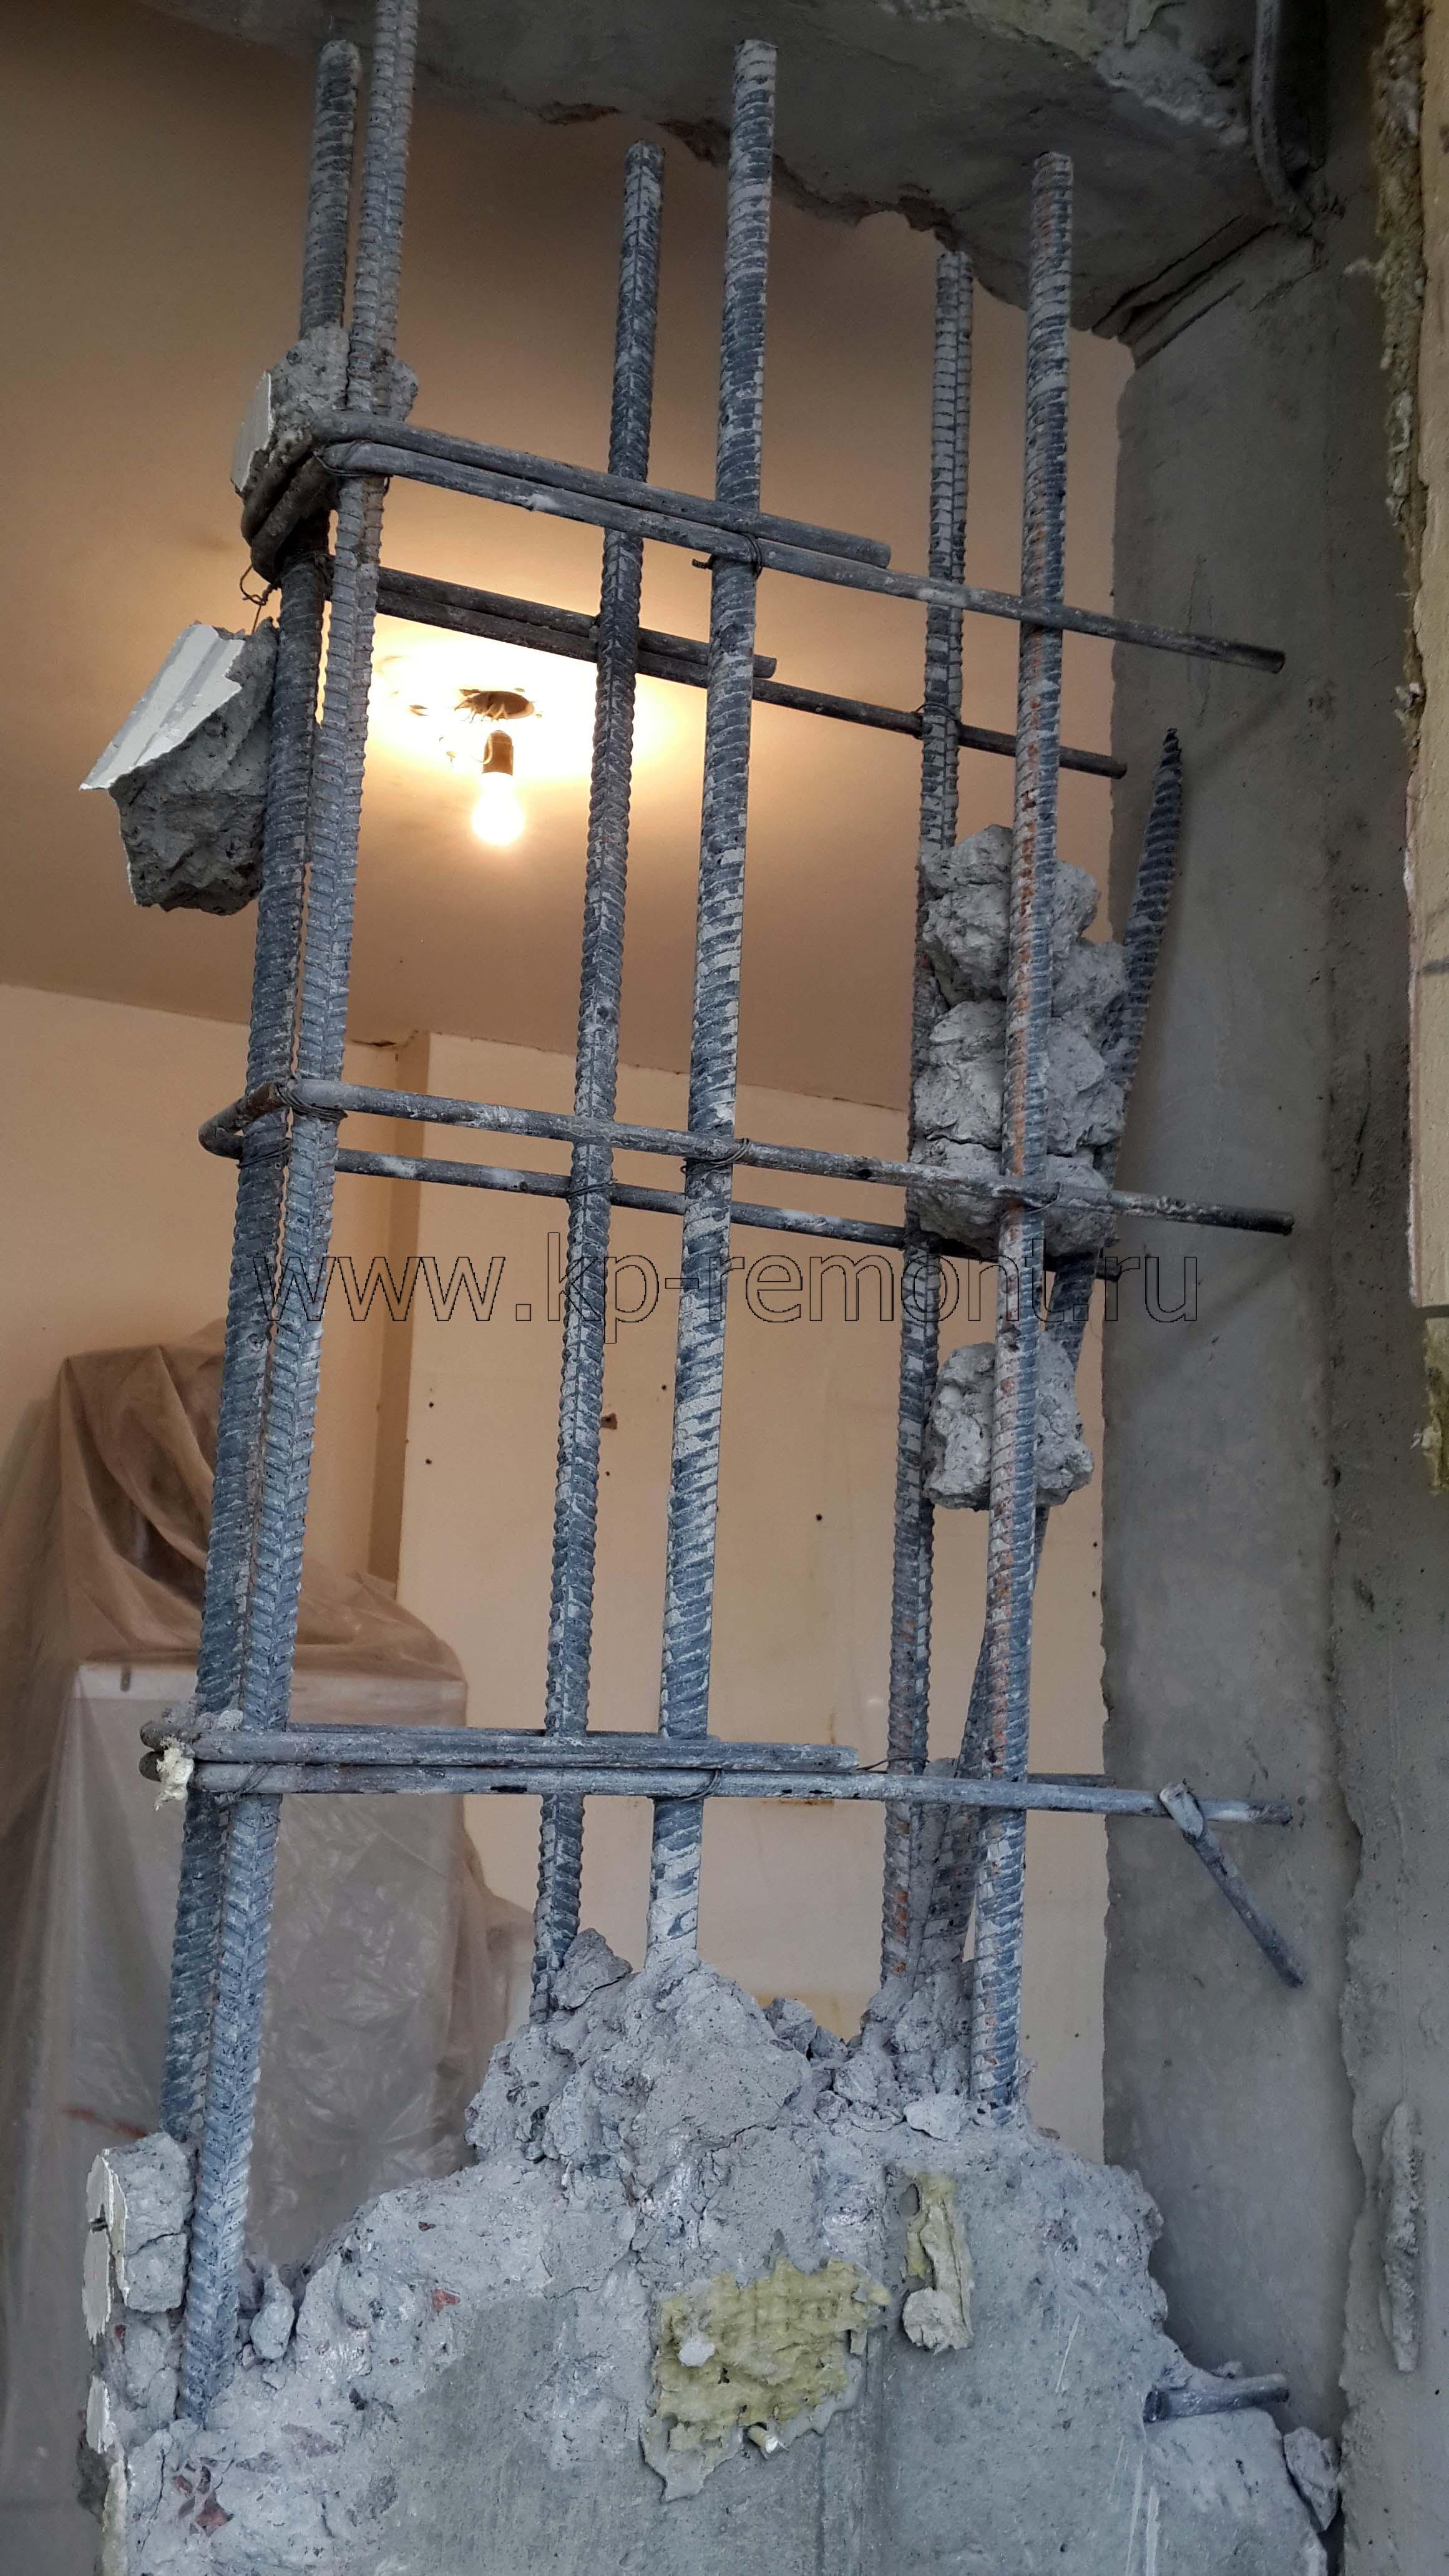 Расширение дверного проема в панельном доме